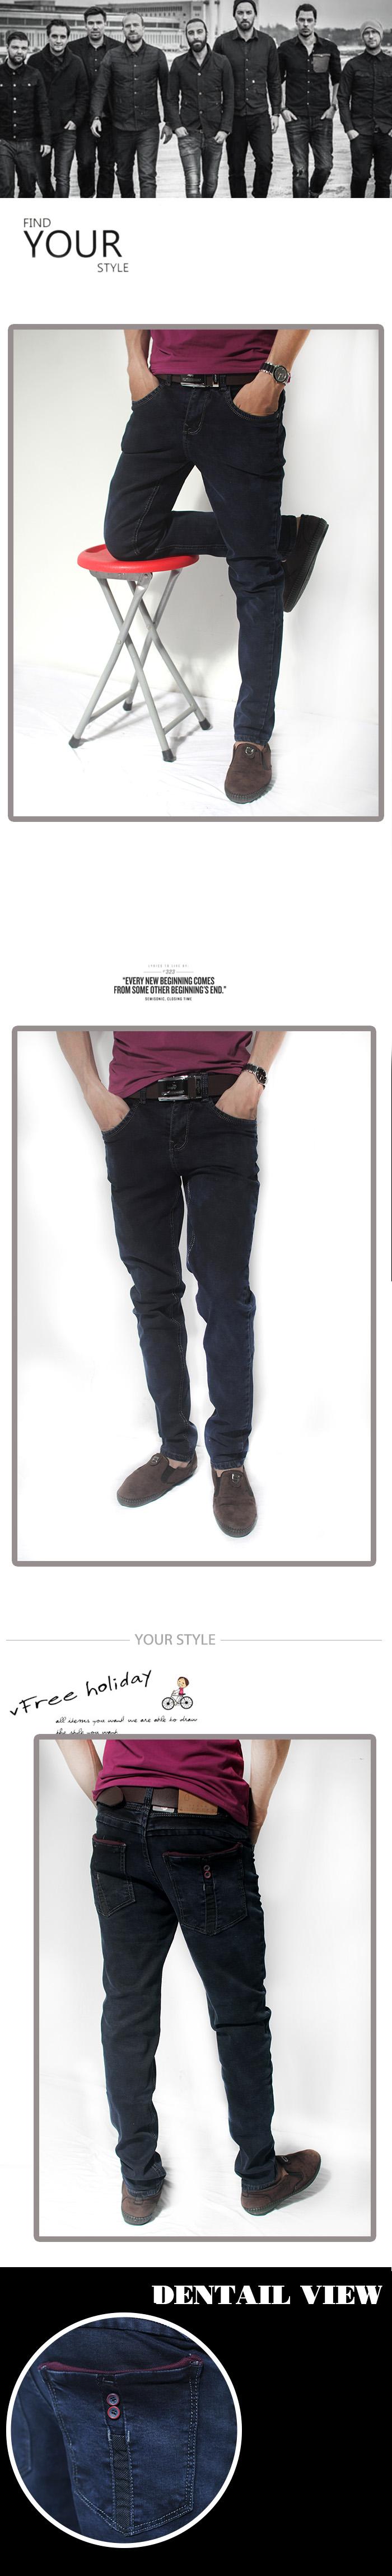 Quần jean xanh đen qj1185 - 1